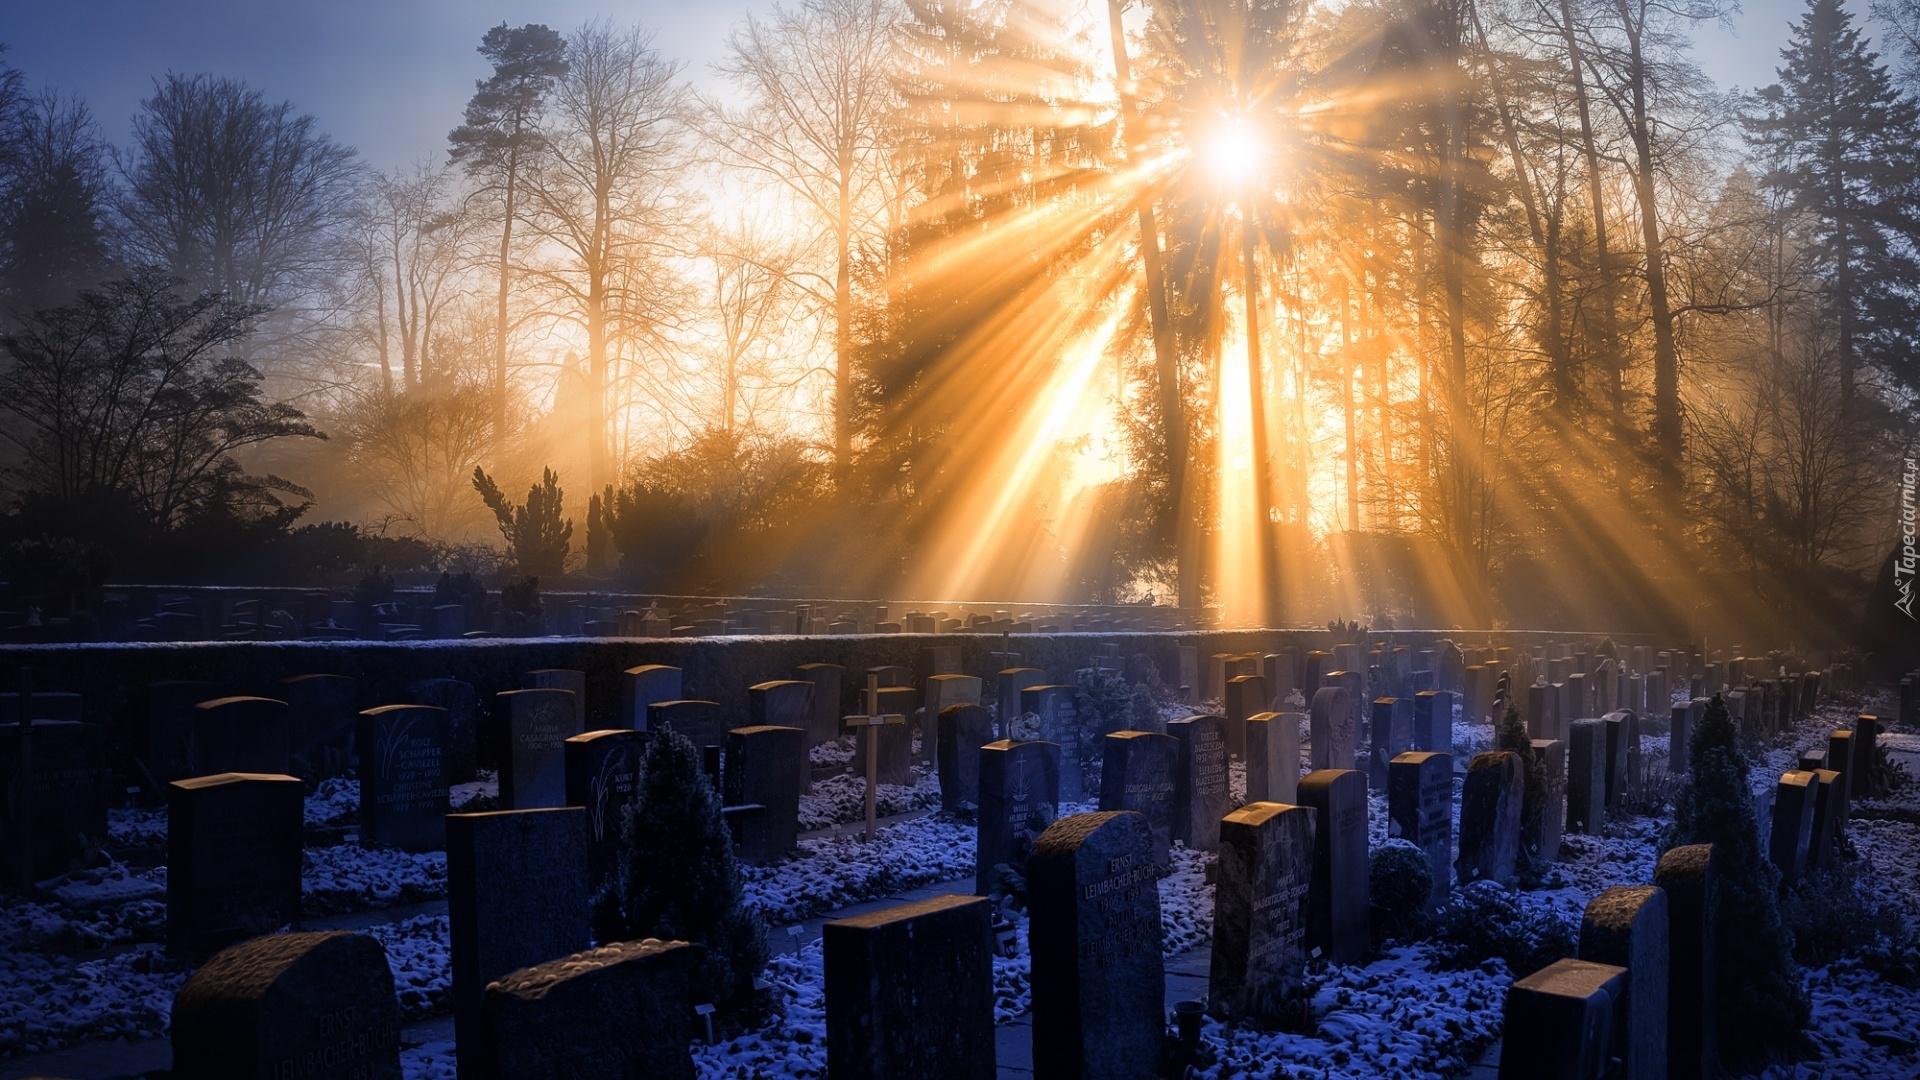 Niemiecki, Cmentarz, Zimą, Promienie, Słońca